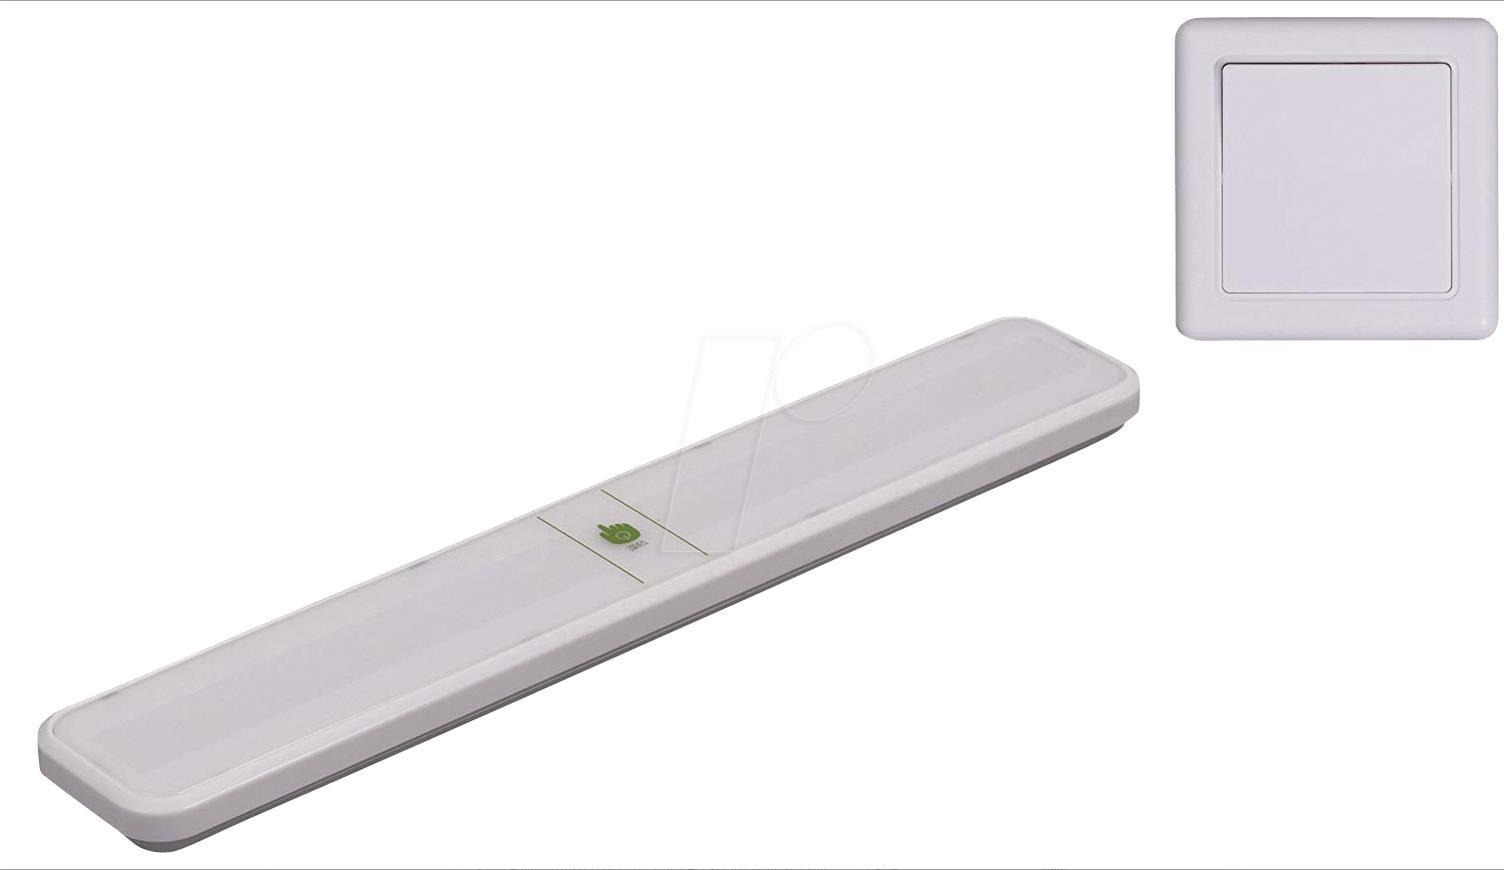 smartwares smart touch led leuchte mit zus tzlichem dip schalter f r 7 95 gratis. Black Bedroom Furniture Sets. Home Design Ideas